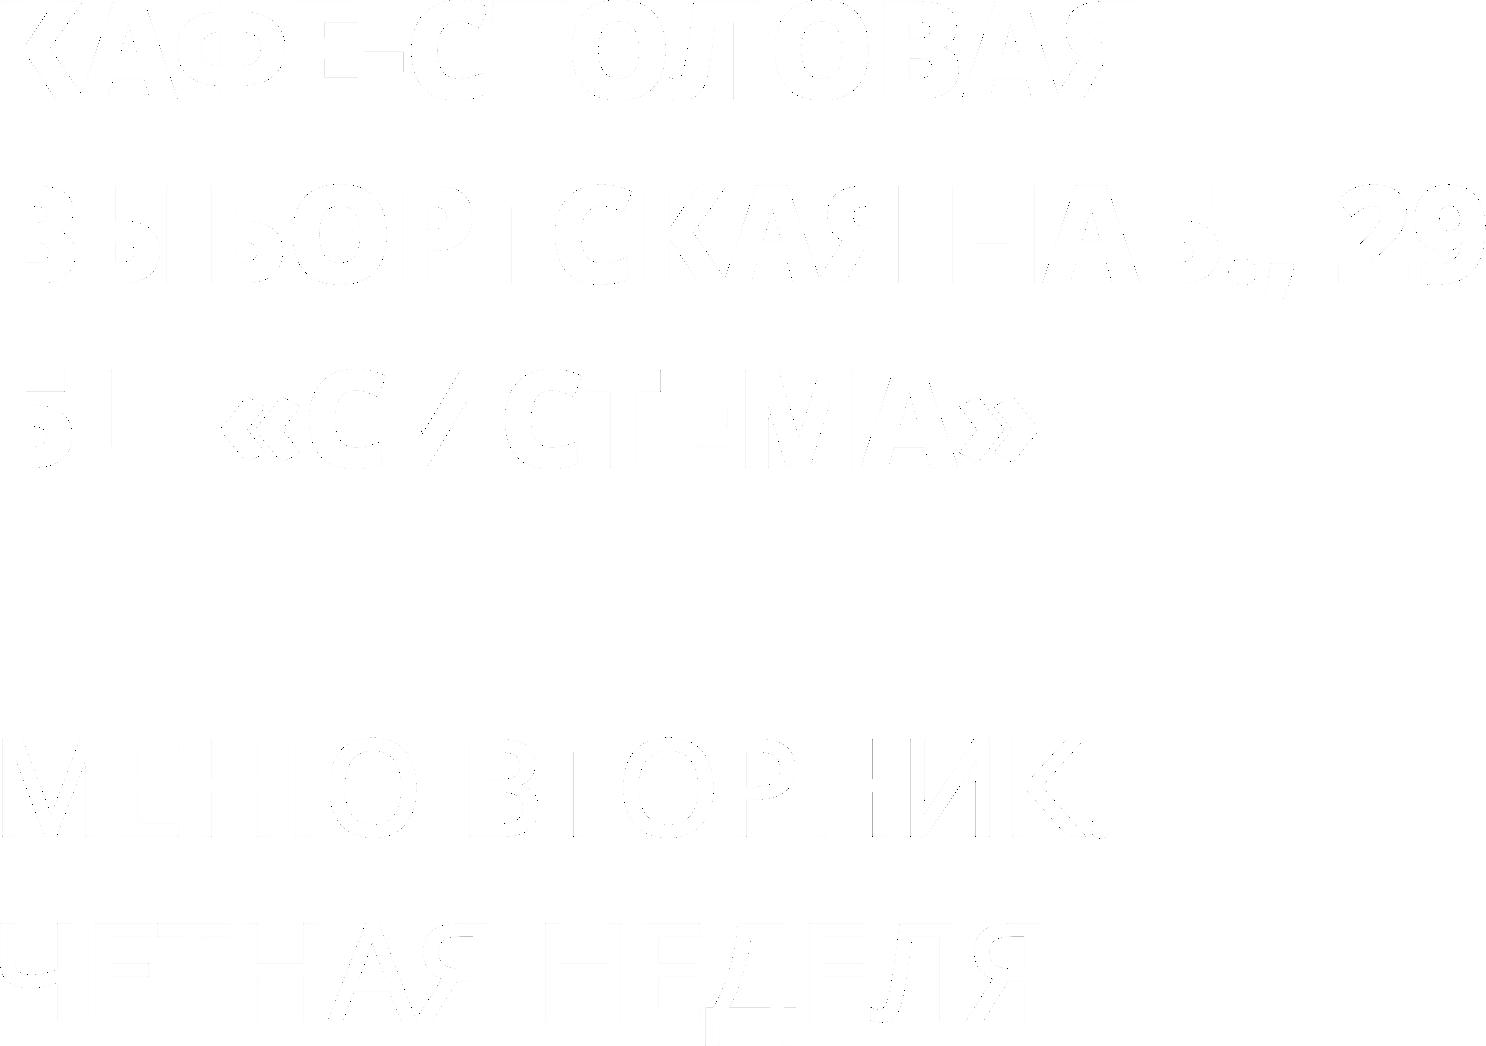 """КАФЕ-СТОЛОВАЯ БЦ """"СИСТЕМА"""" Выборгская наб., 29 МЕНЮ ВТОРНИК. ЧЕТНАЯ НЕДЕЛЯ"""